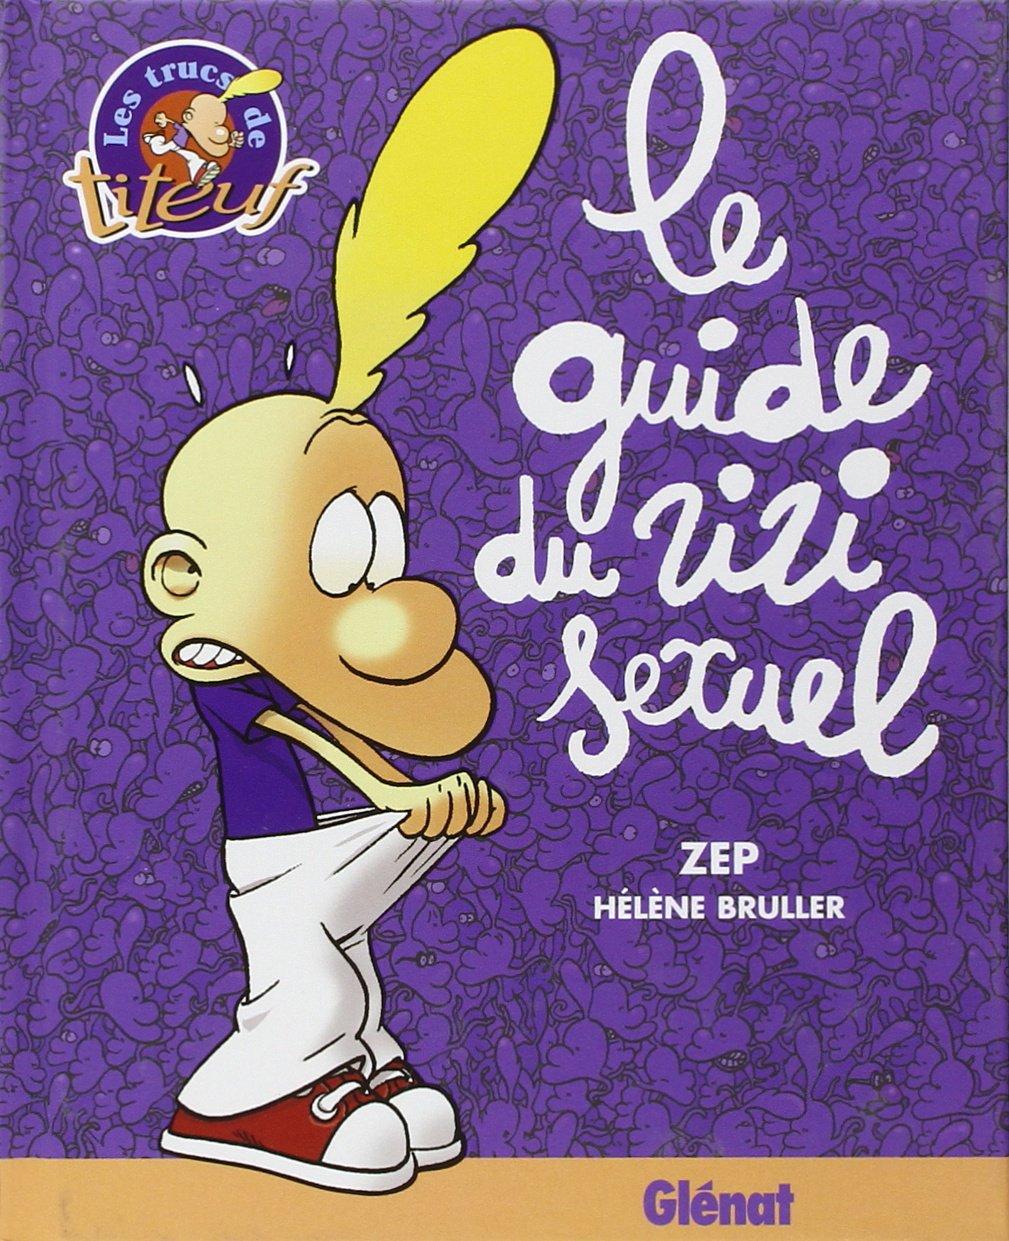 Le guide du zizi sexuel Hélène Bruller ZEP Glénat 2723428028